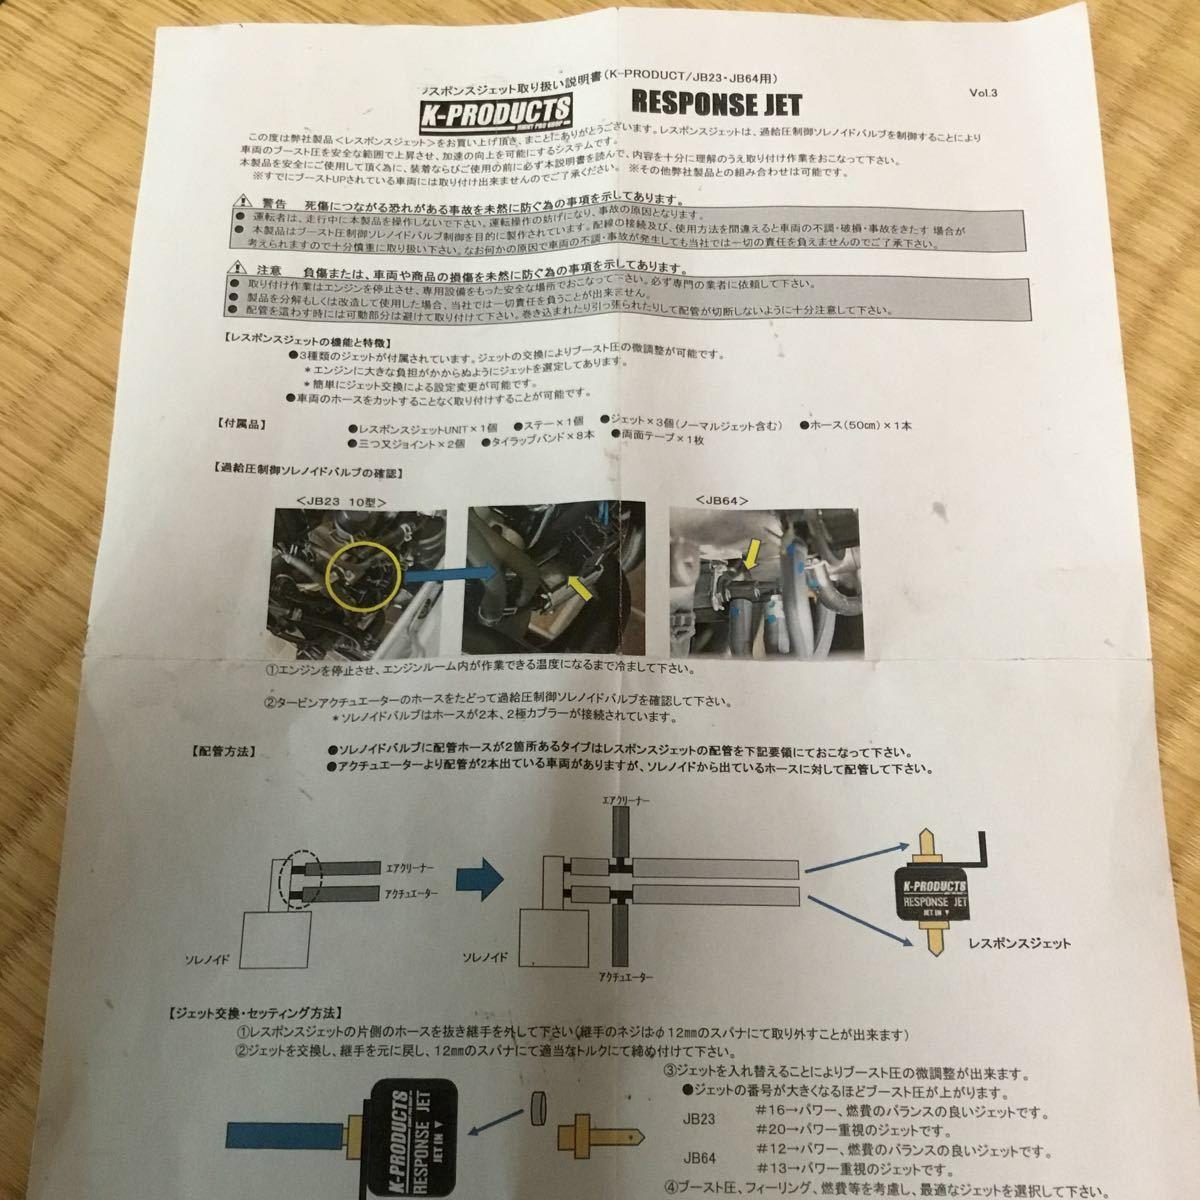 ジムニー レスポンスジェット&ミニコンセット JB23 K-PRODUCTSオリジナル サブコン 中古_レスポンスジェットの説明書です